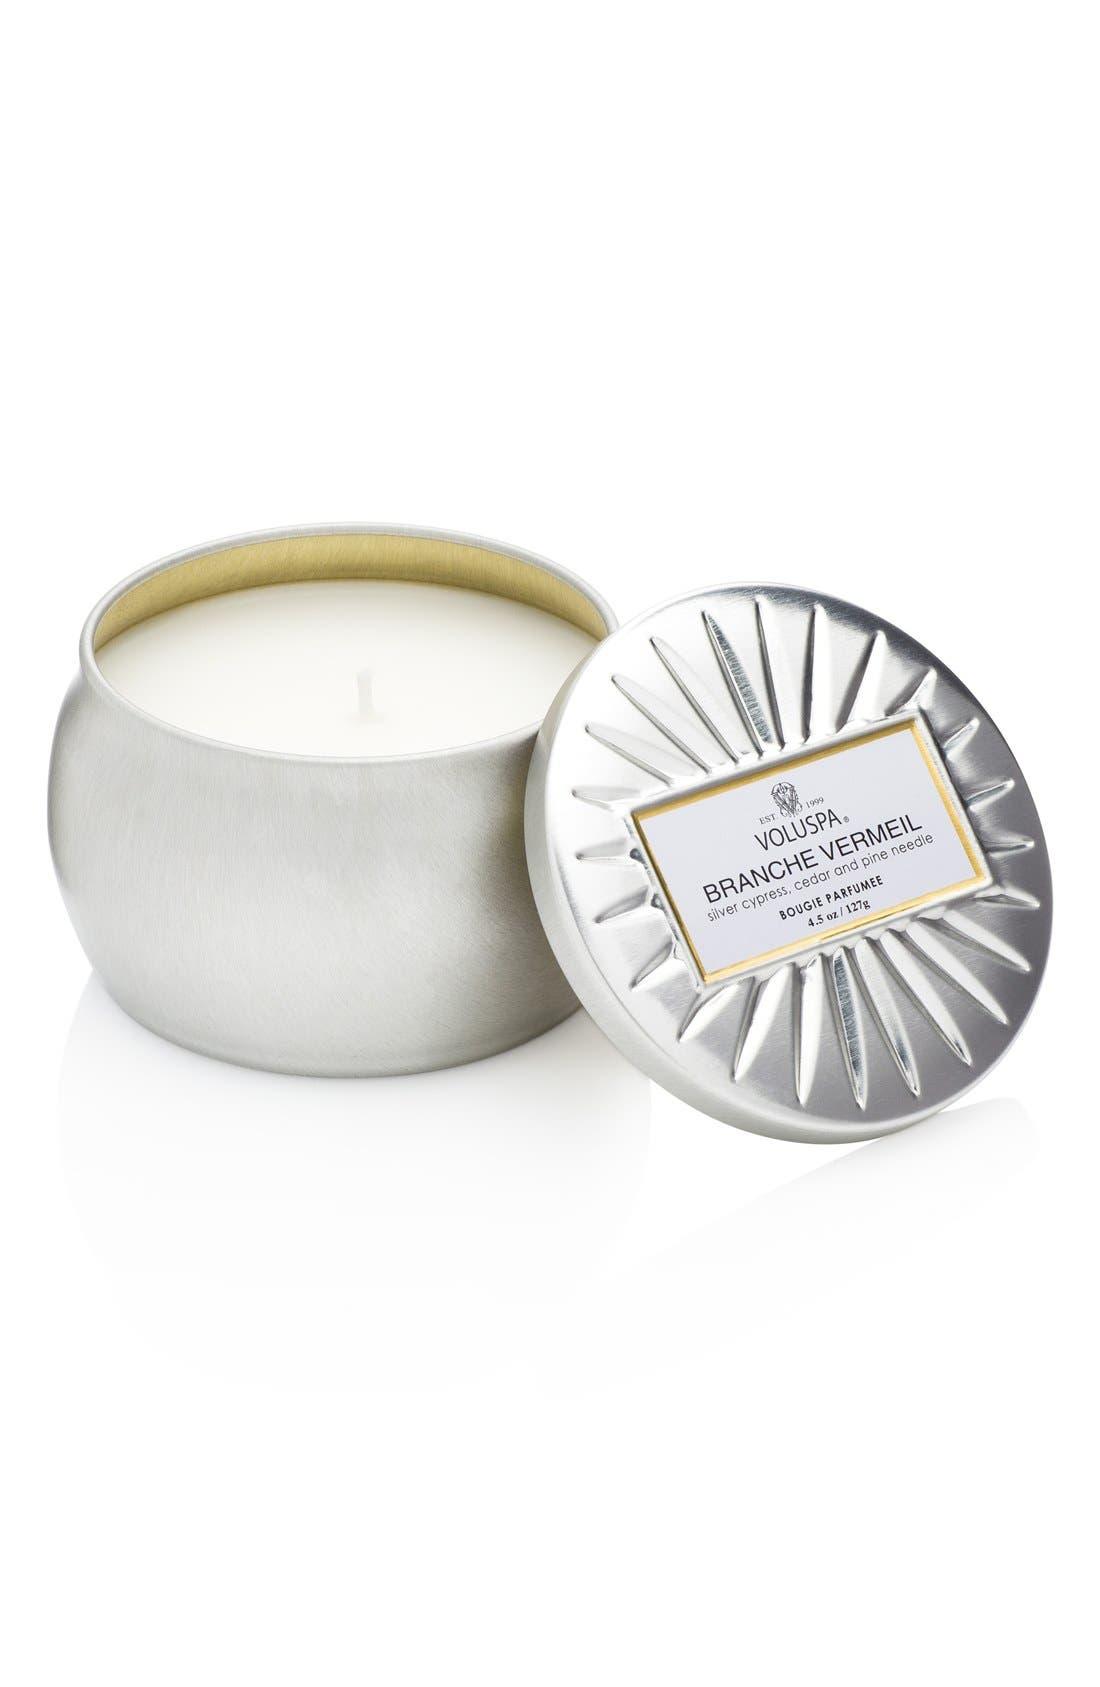 Voluspa 'Vermeil - Branche Vermeil' Mini Tin Candle